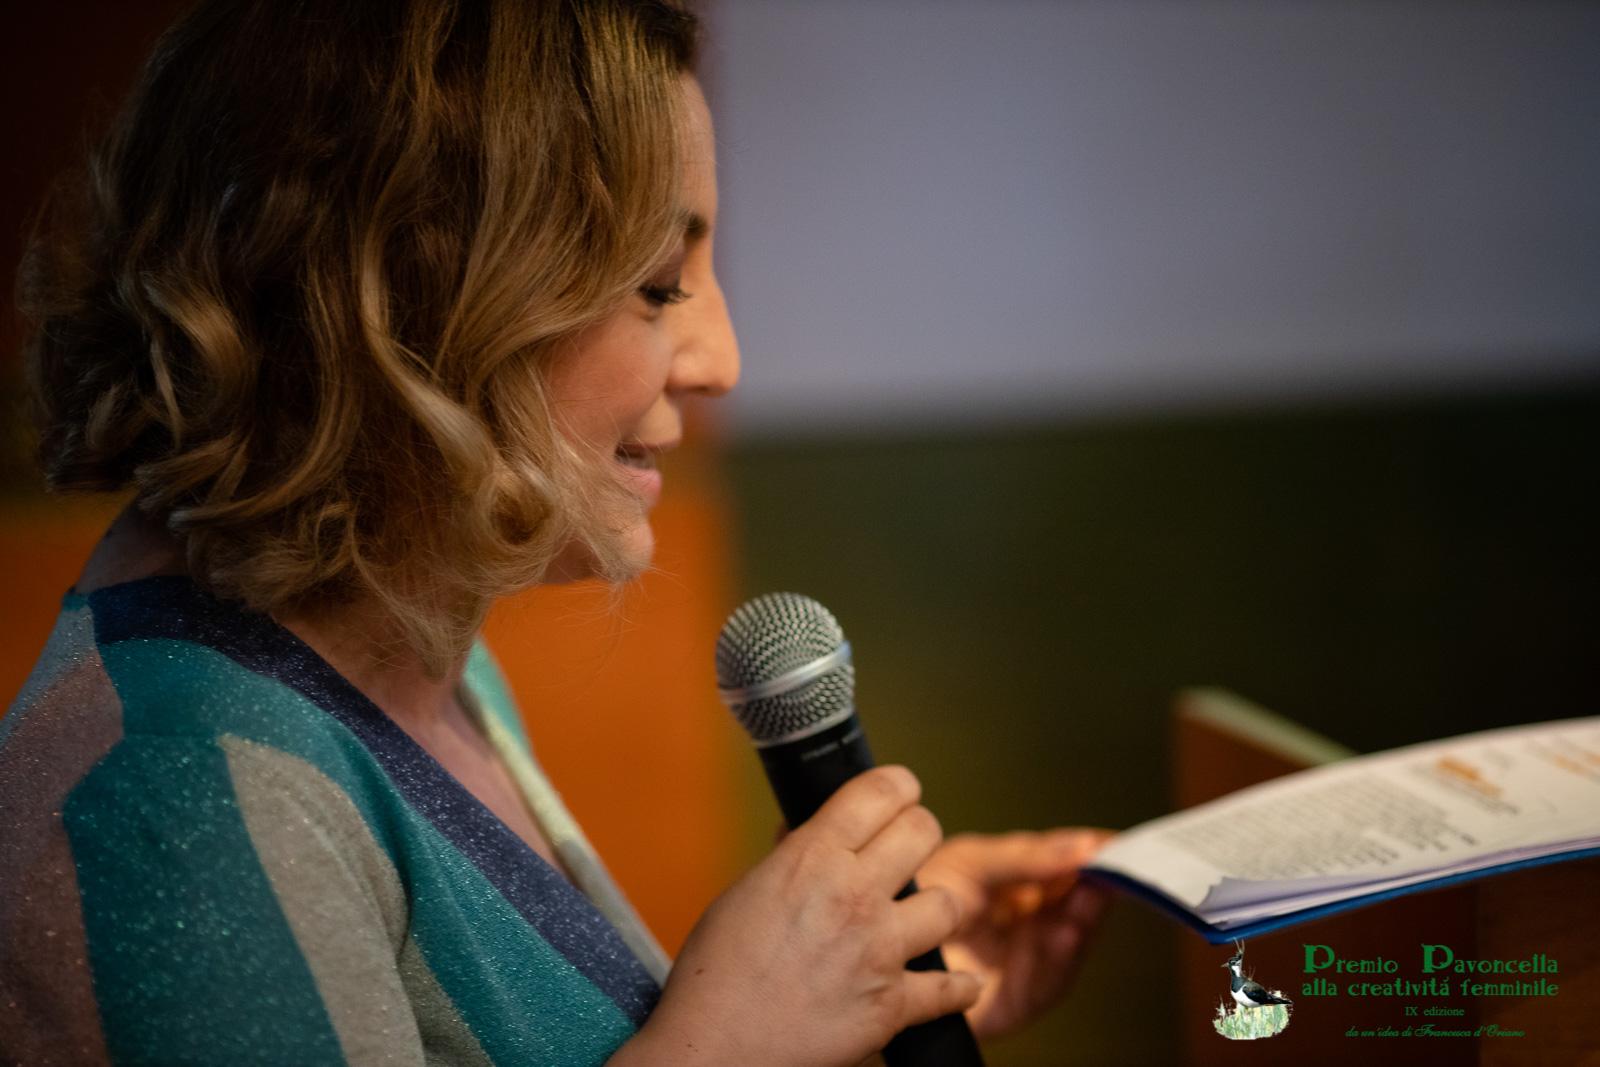 Isabella Di Chio, inviata e conduttrice di TgR Lazio, in un momento della cerimonia di premiazione